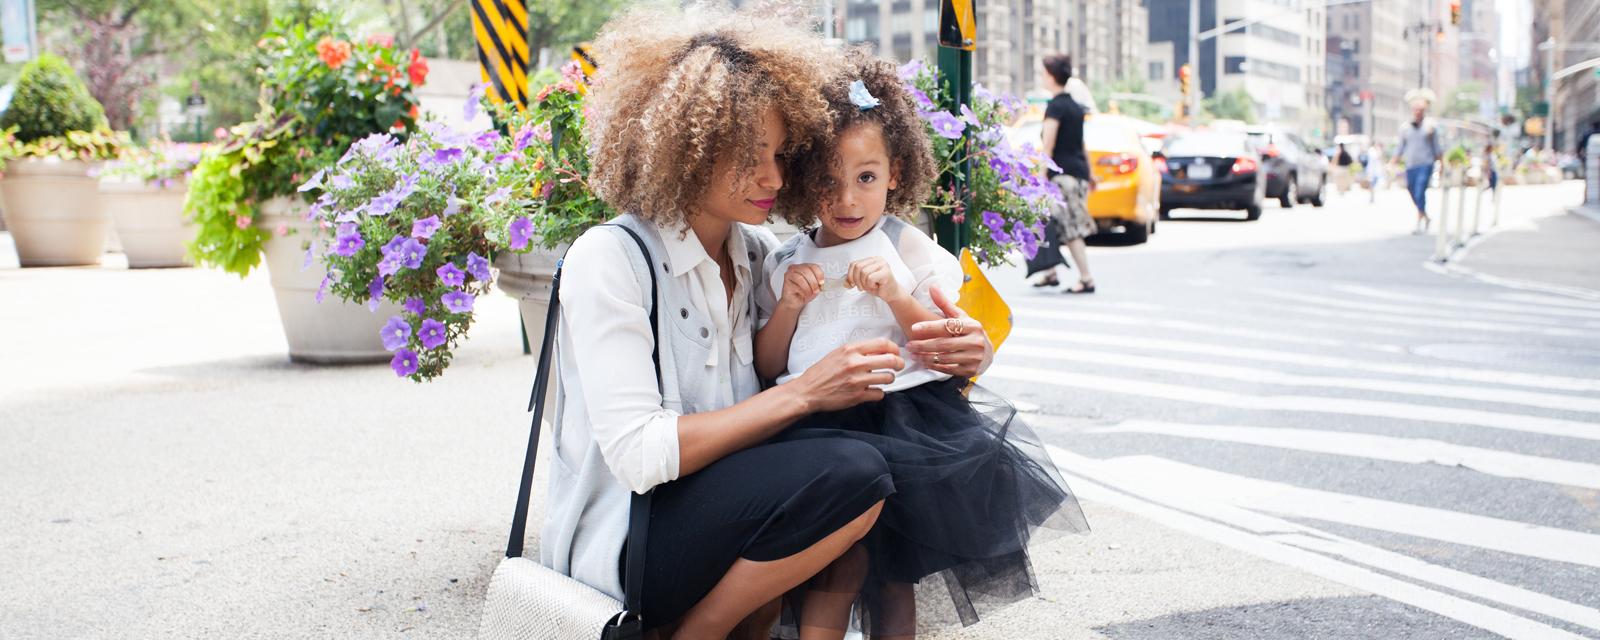 SMS para el día de la madre